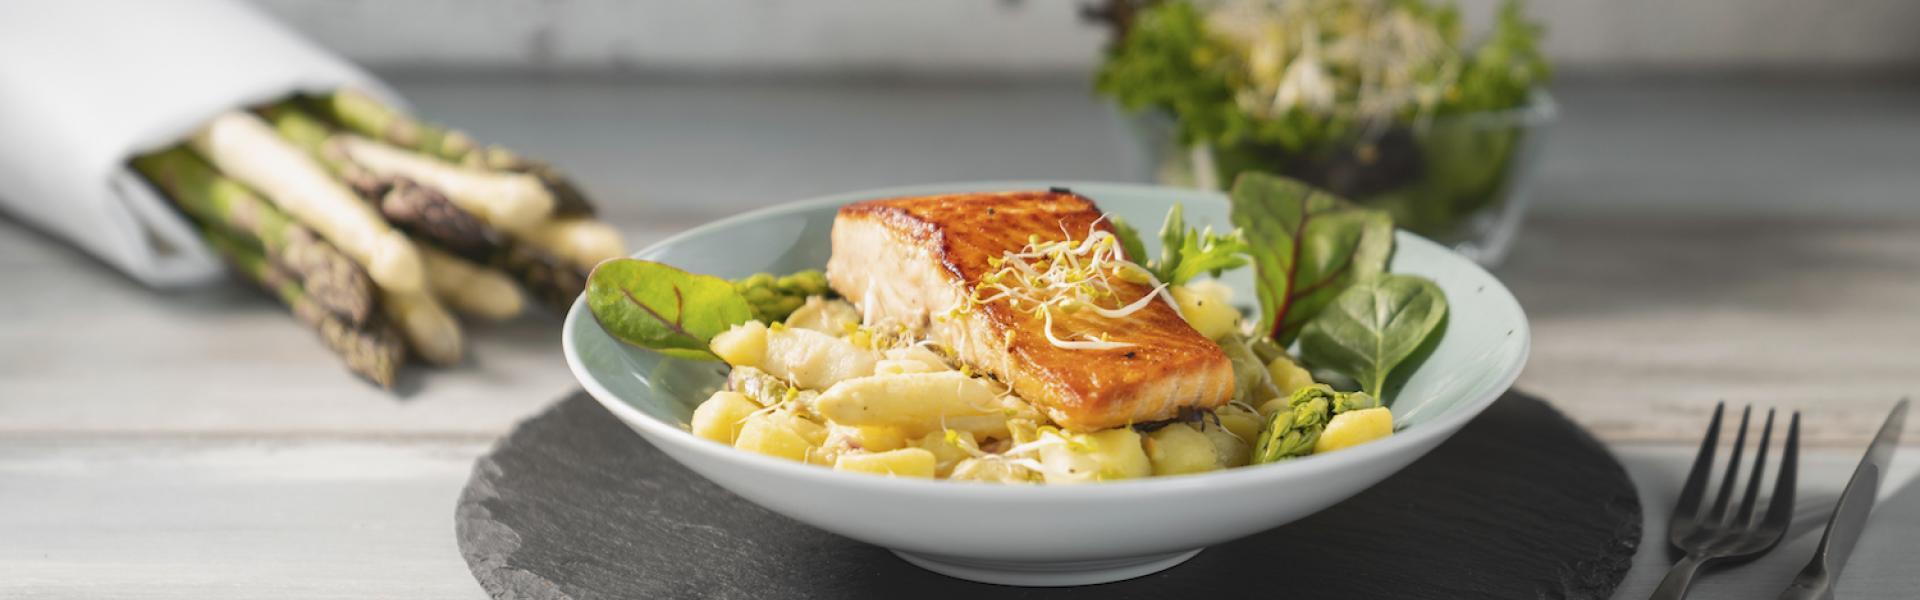 Ein Teller Kartoffel-Spargel-Salat auf weißem Holztisch.